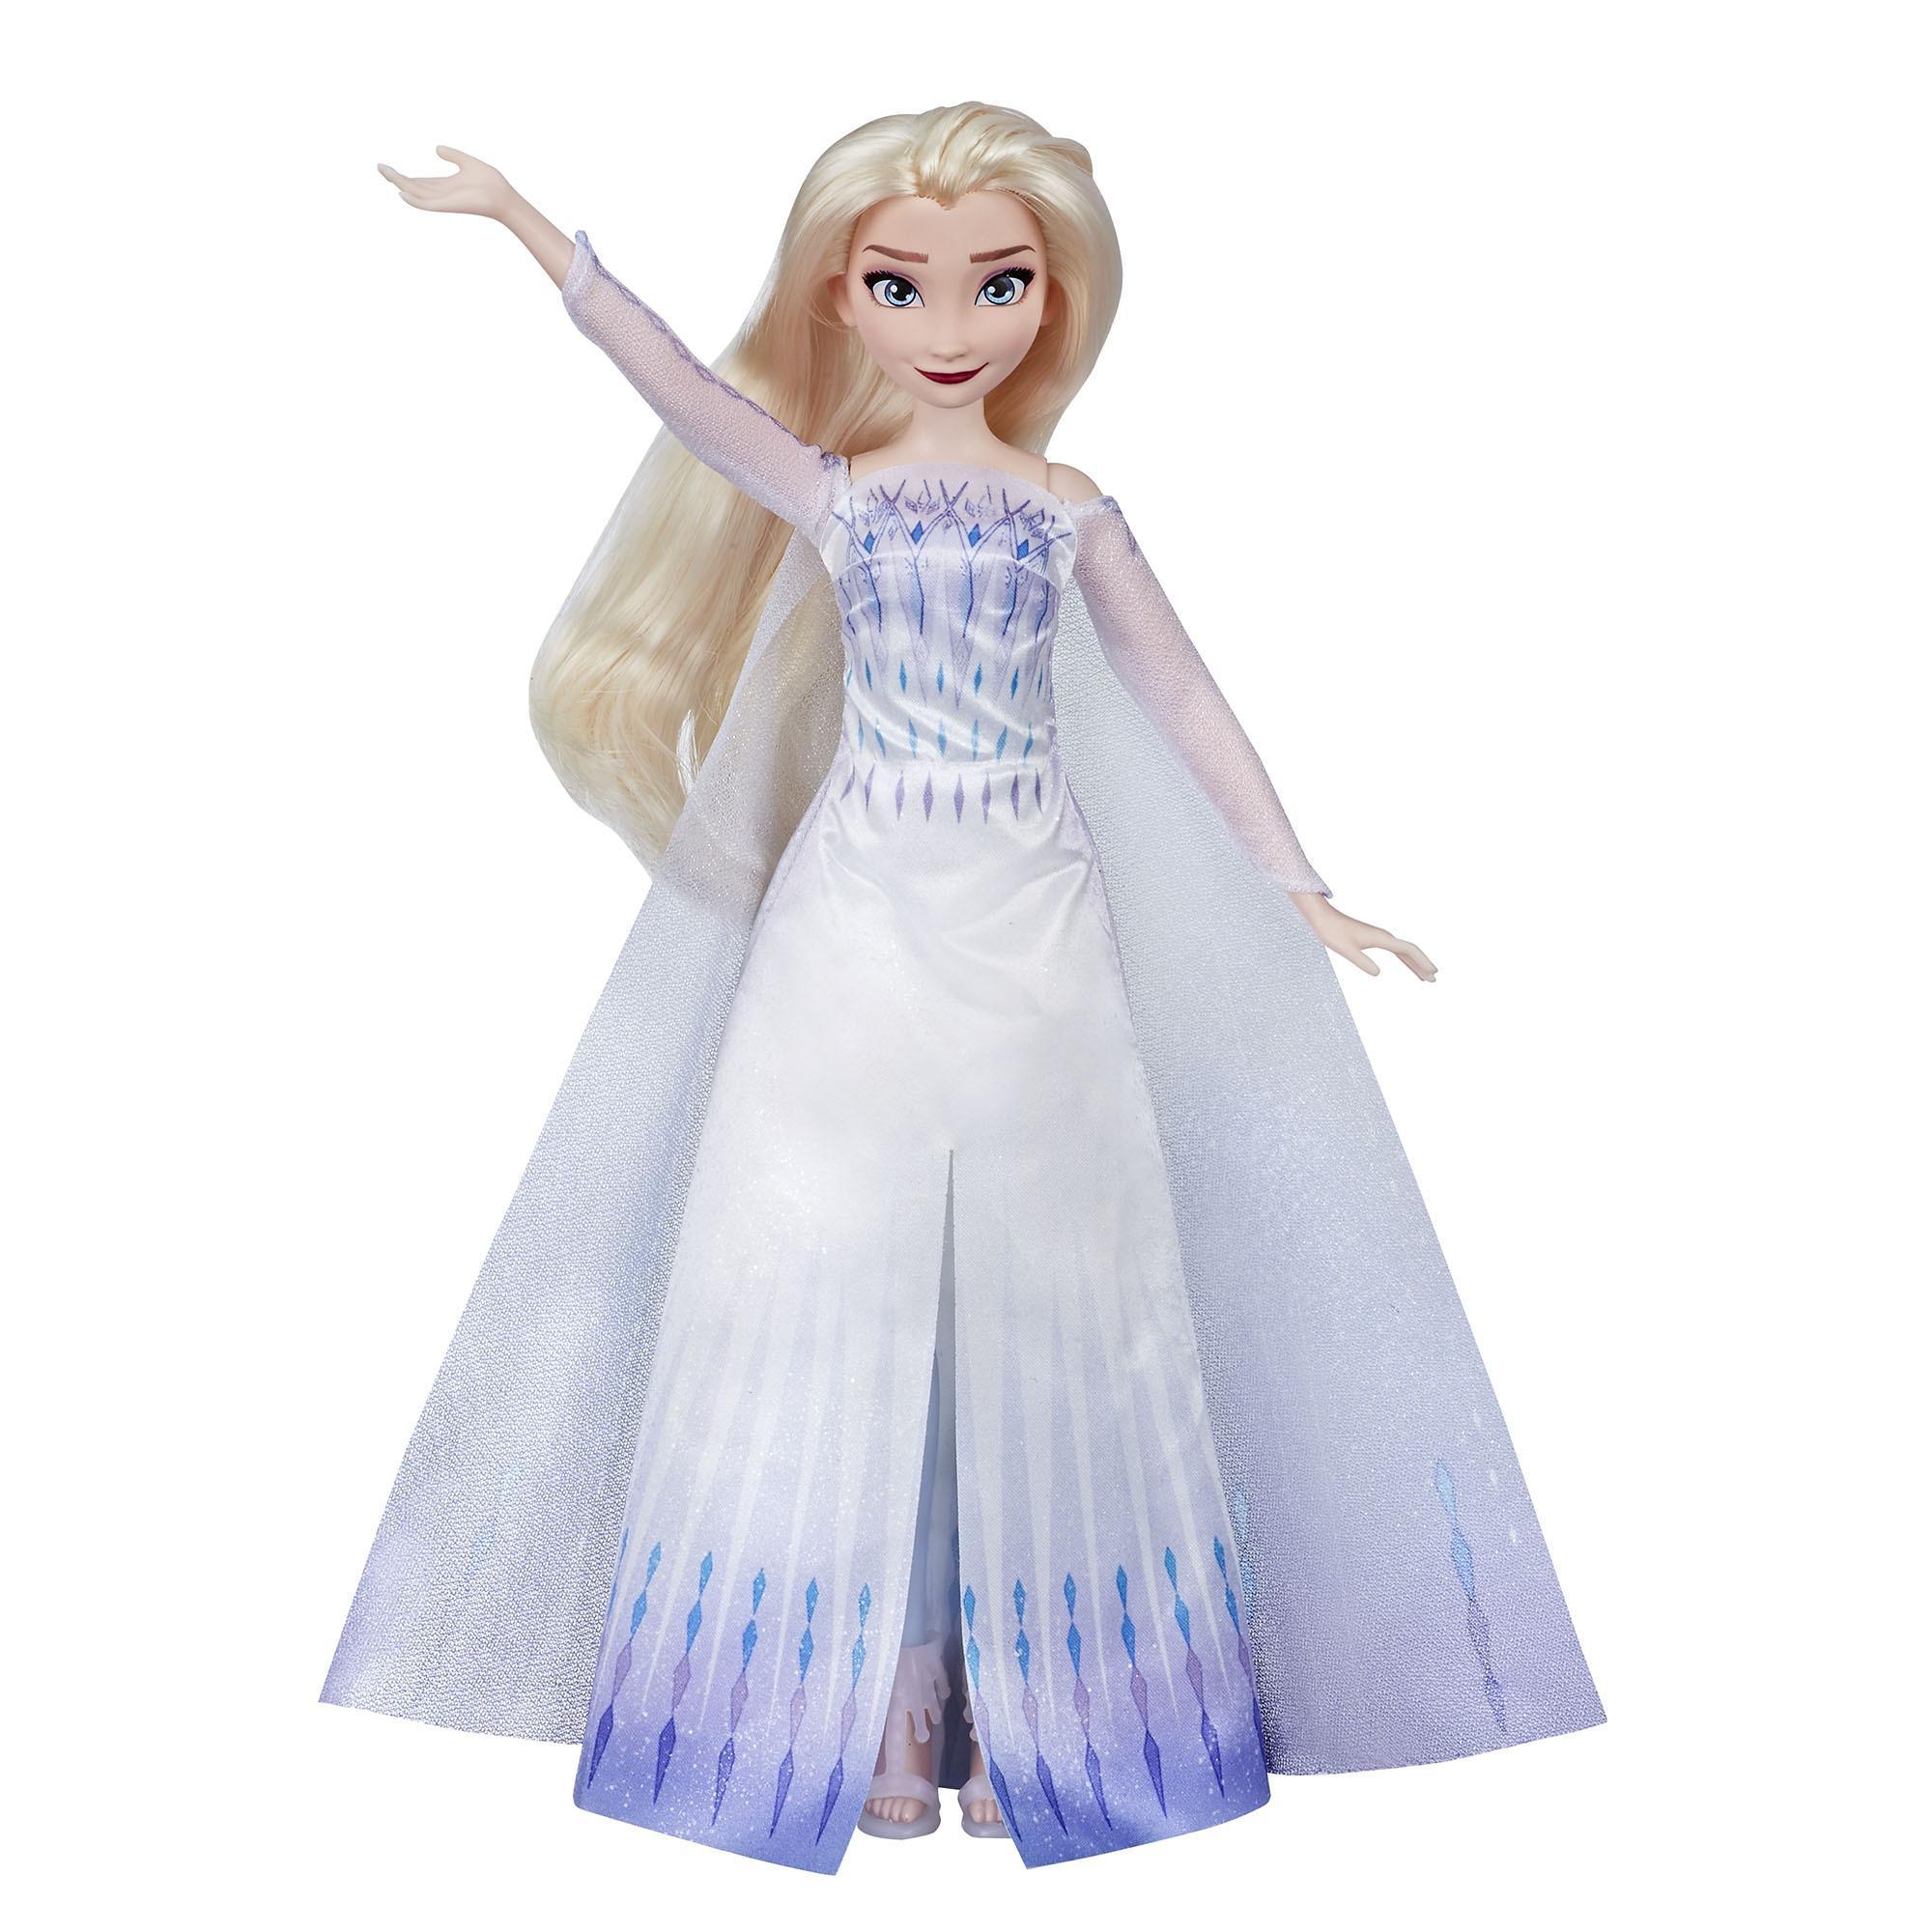 Disney Frost musikkeventyrdukke Elsa, synger «Show Yourself»-sangen fra Disney-filmen Frost 2